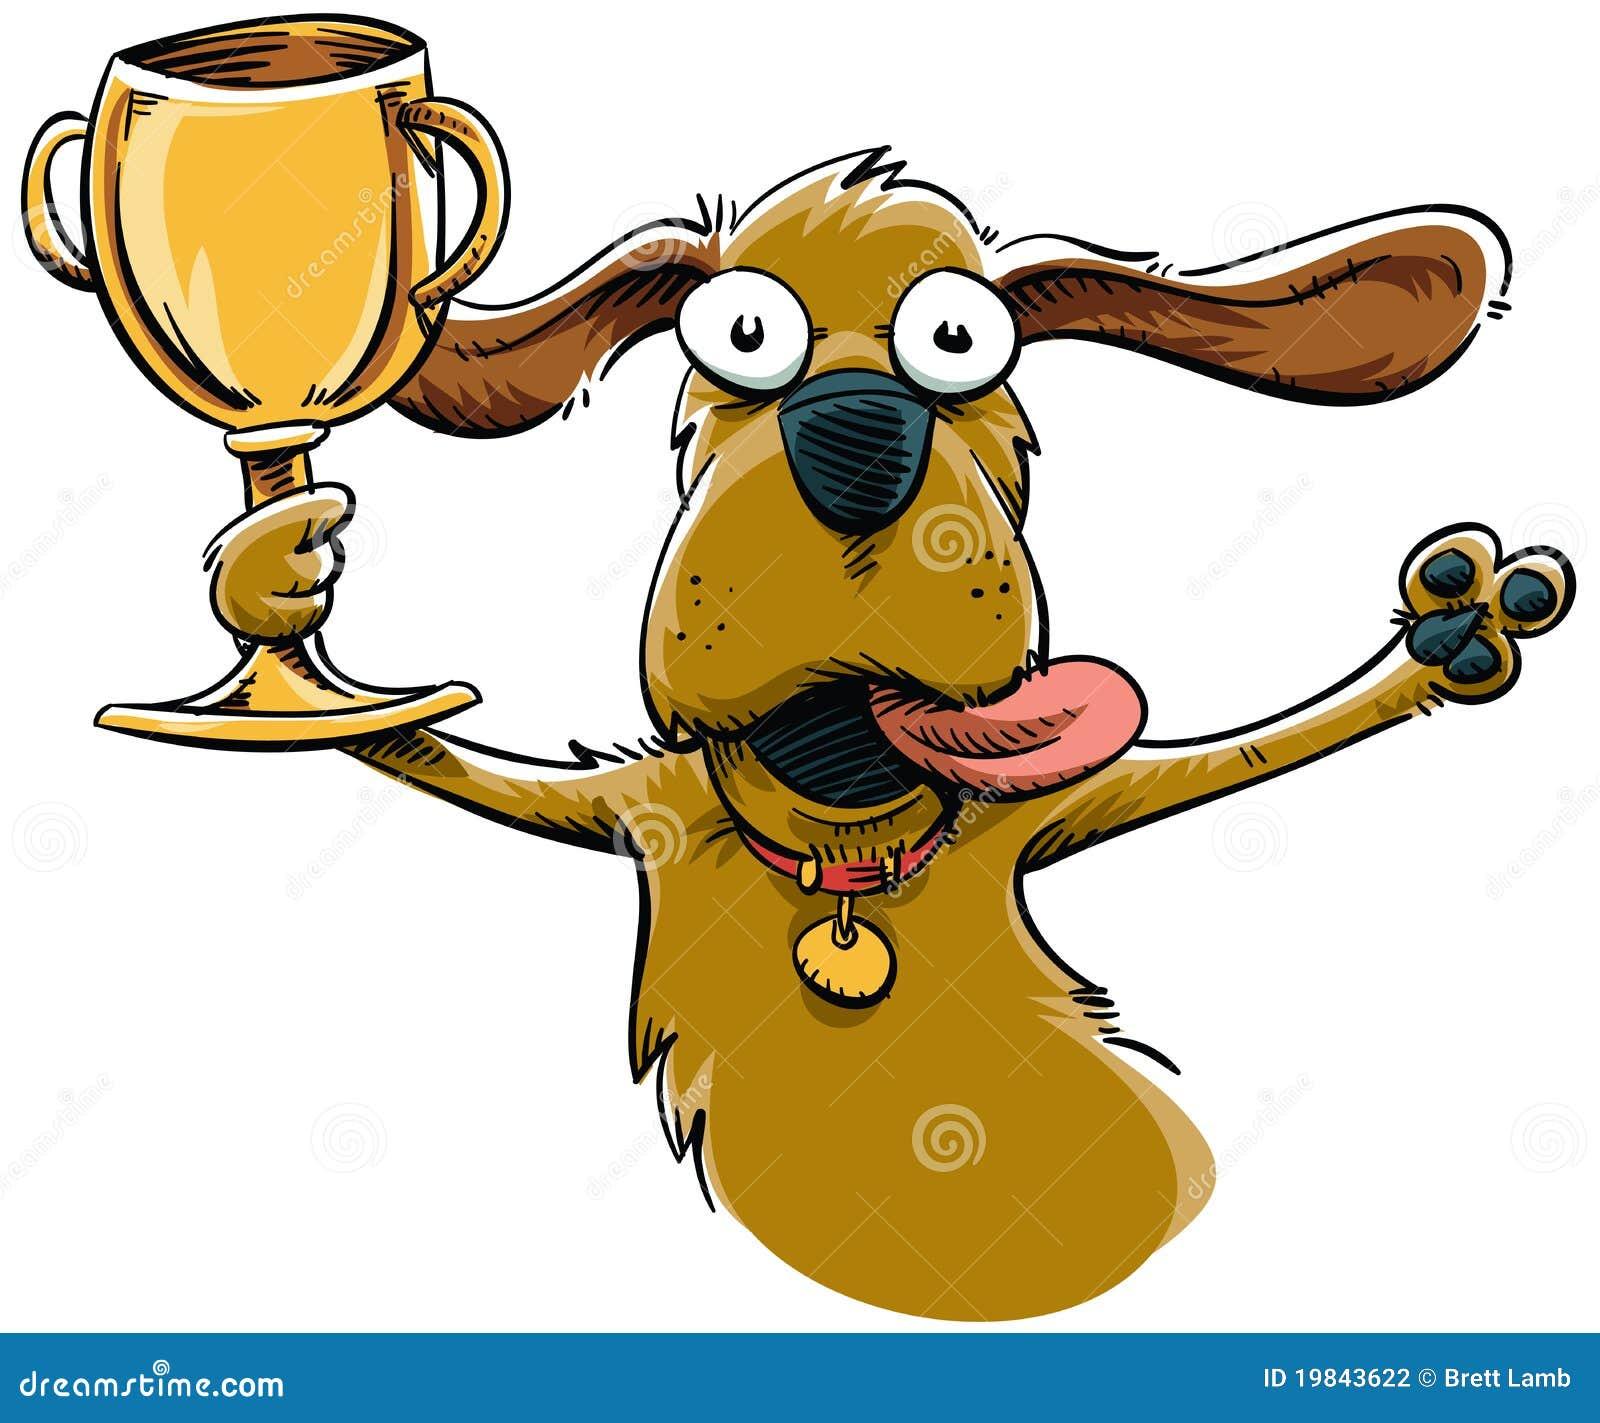 Trophy Dog stock illus...